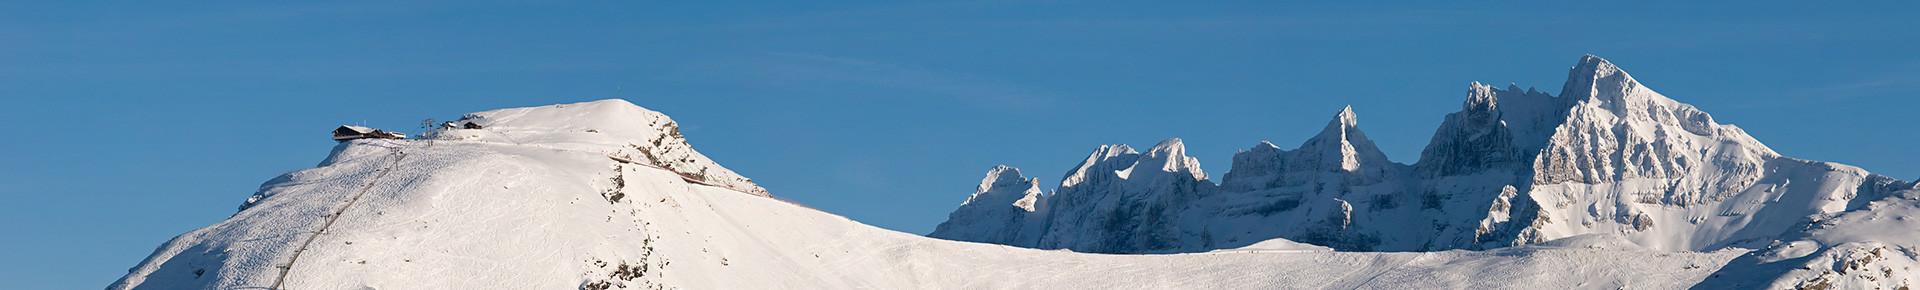 Domaine skiable des Portes du Soleil